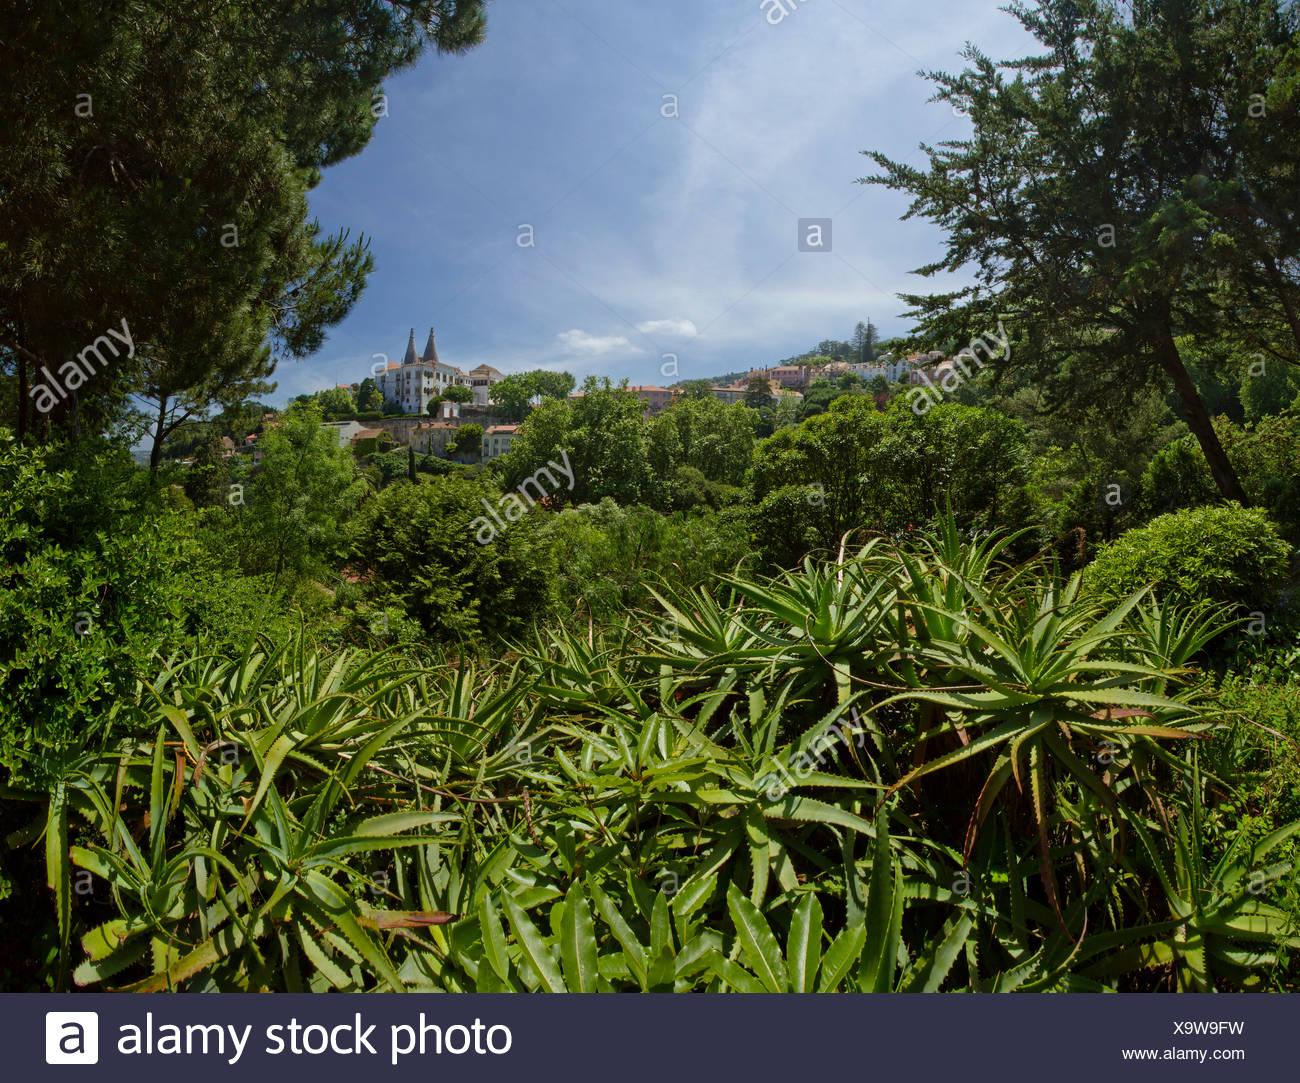 Portugal, Europe, Estremadura, spring, Palacio Nacional, Sintra, - Stock Image